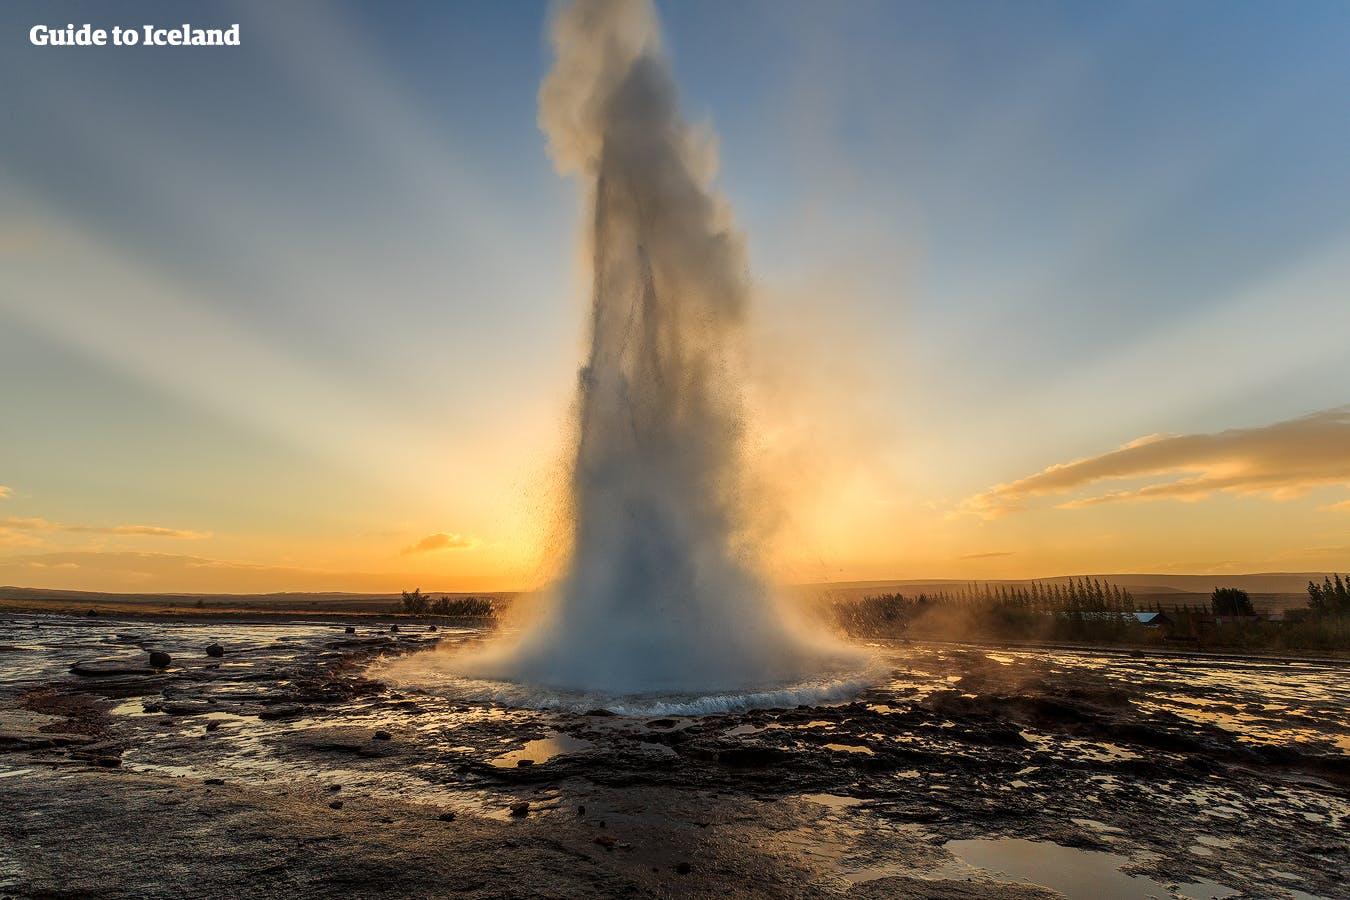 在Haukadalur山谷之中的史托克间歇泉(Strokkur)每隔5-10分钟就会喷发一次